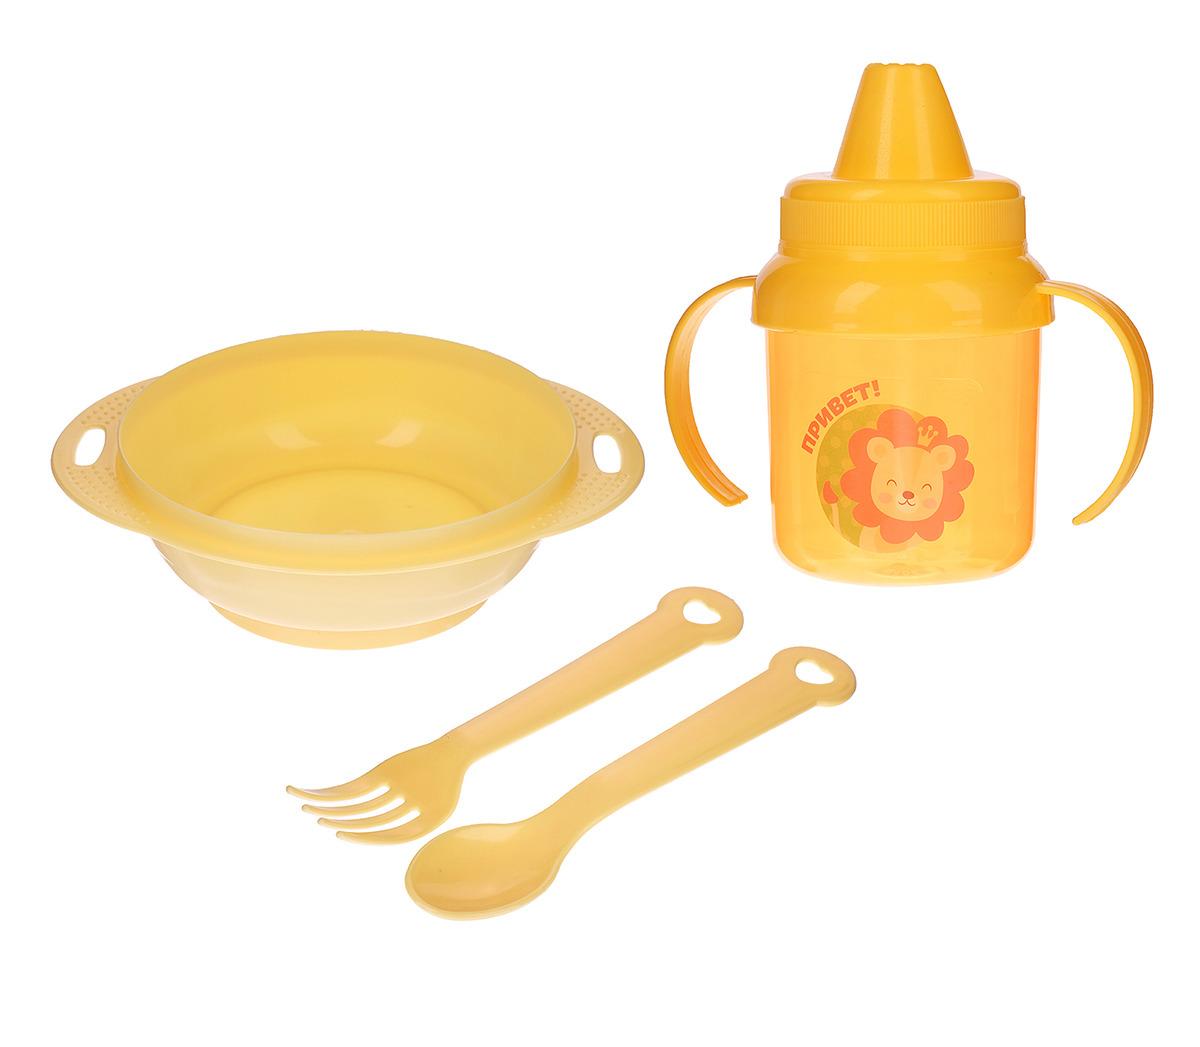 Набор посуды для кормления Крошка Я Львенок, 3275232, 4 предмета набор для кормления крошка я первый подарок малышу 2849357 7 предметов